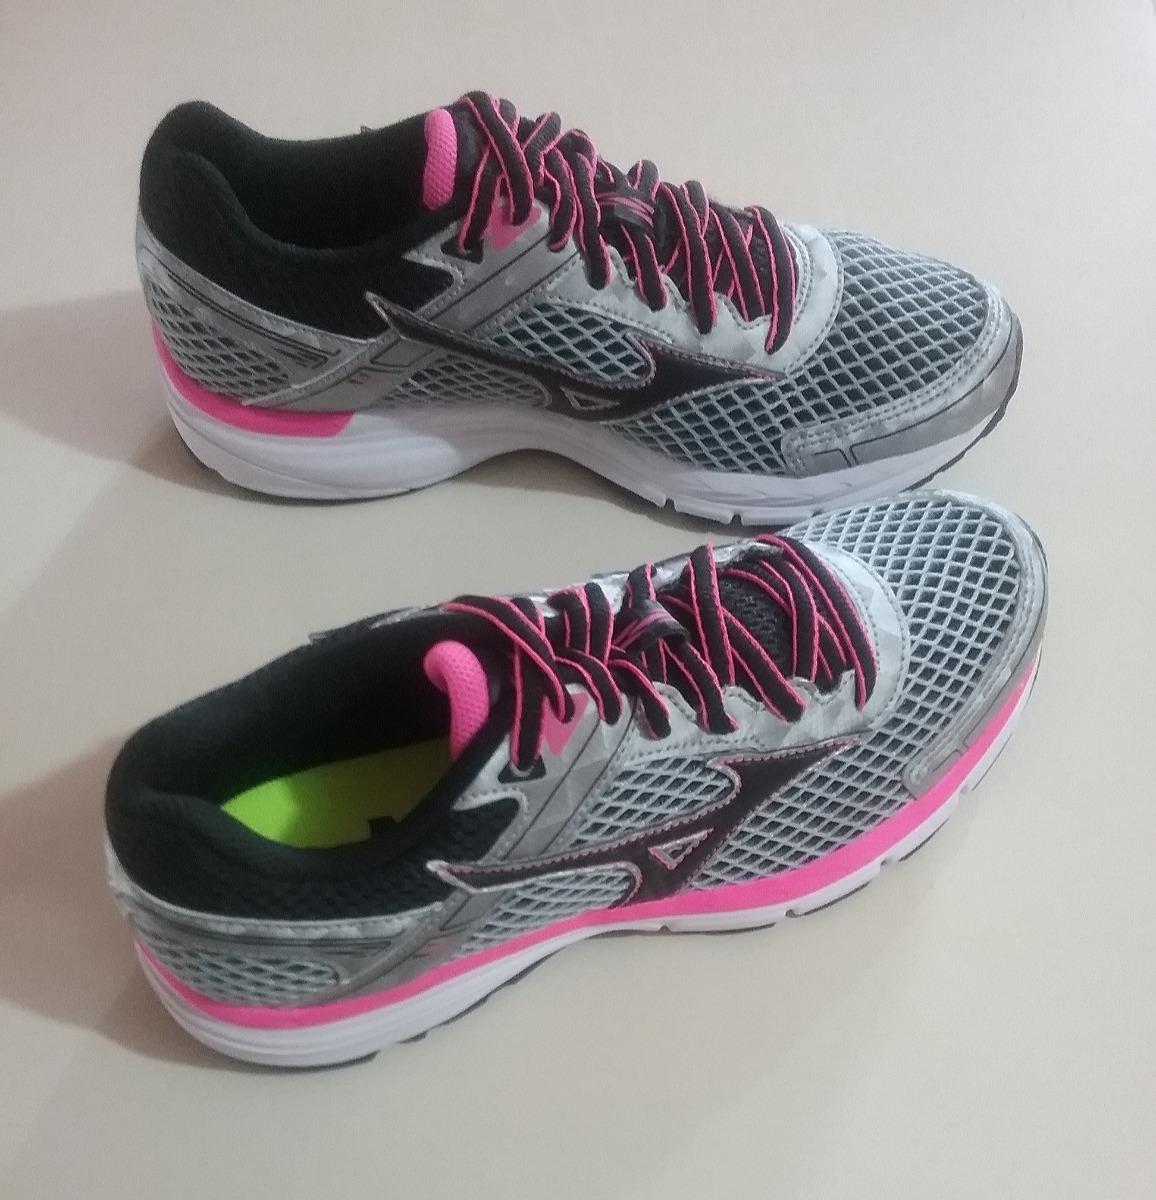 9701c563370d1 Tenis Mizuno Wave Mirai P Running Grafite/rosa - R$ 429,90 em ...